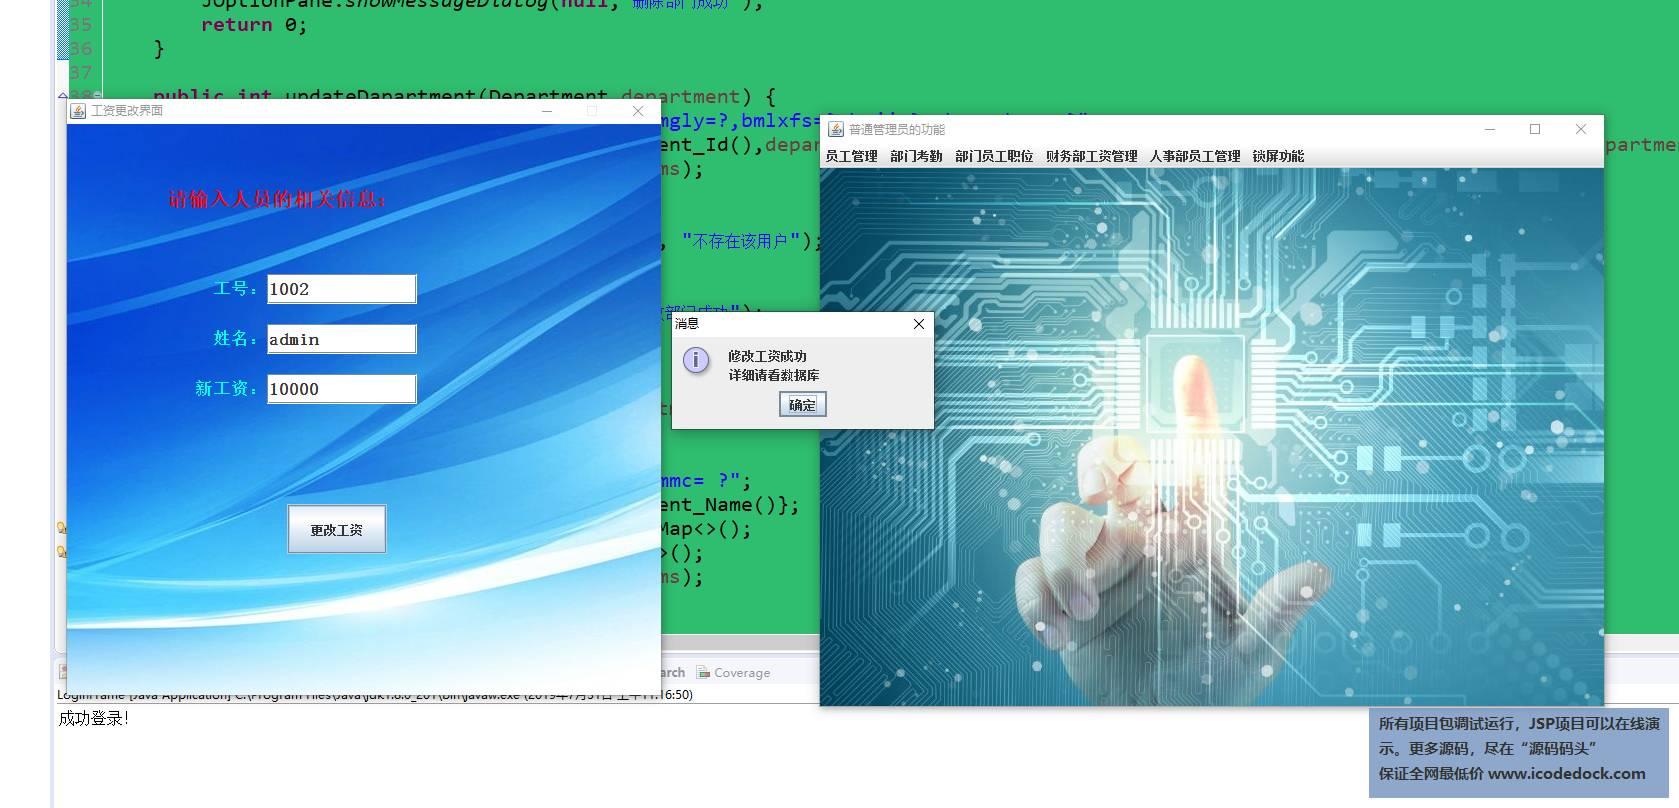 源码码头-企业人事管理系统-管理员角色-工资管理